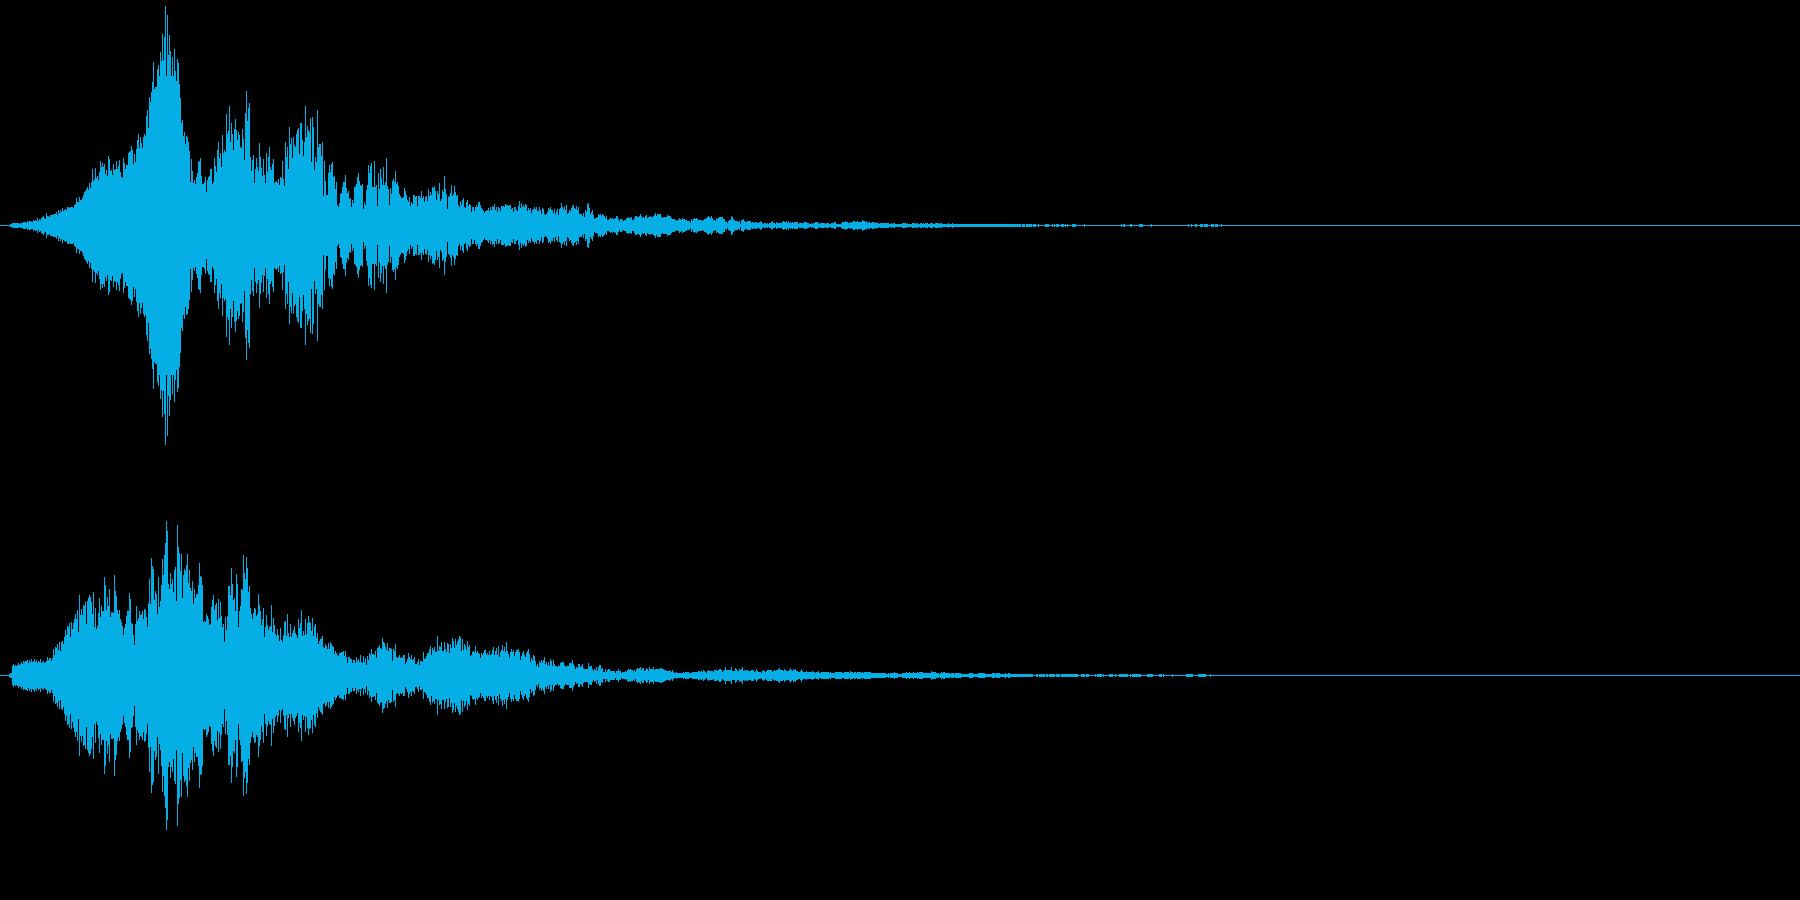 サウンドロゴ(フワーン)の再生済みの波形